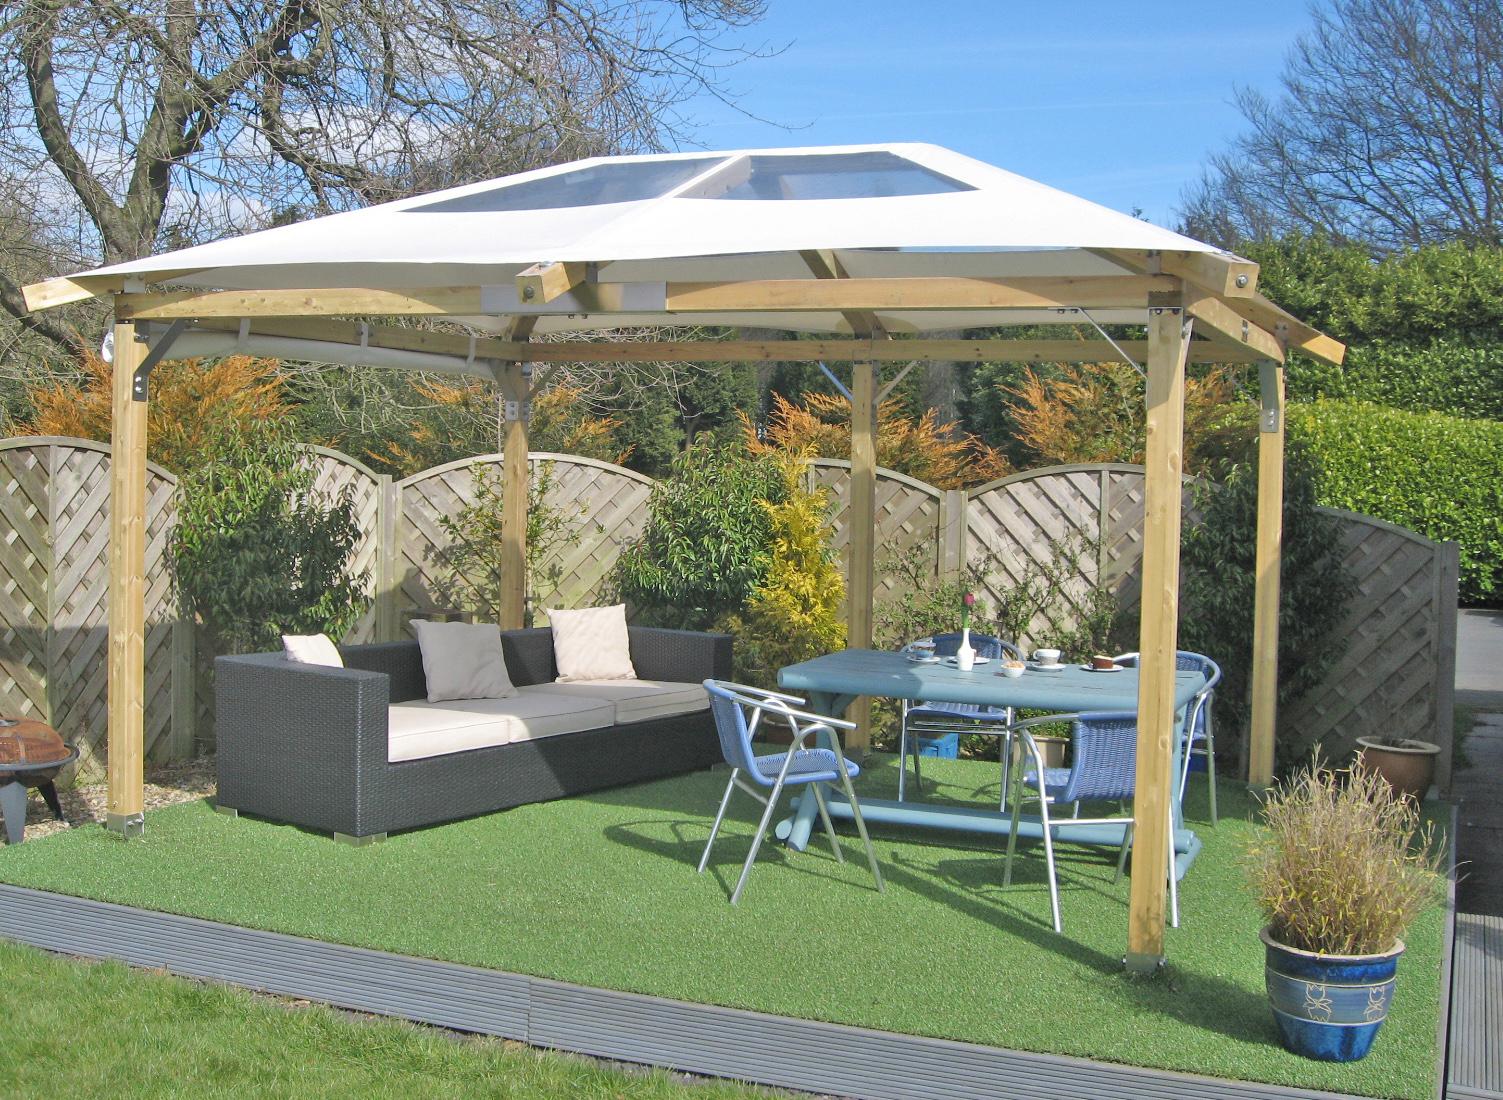 Backyard Canopy Gazebo